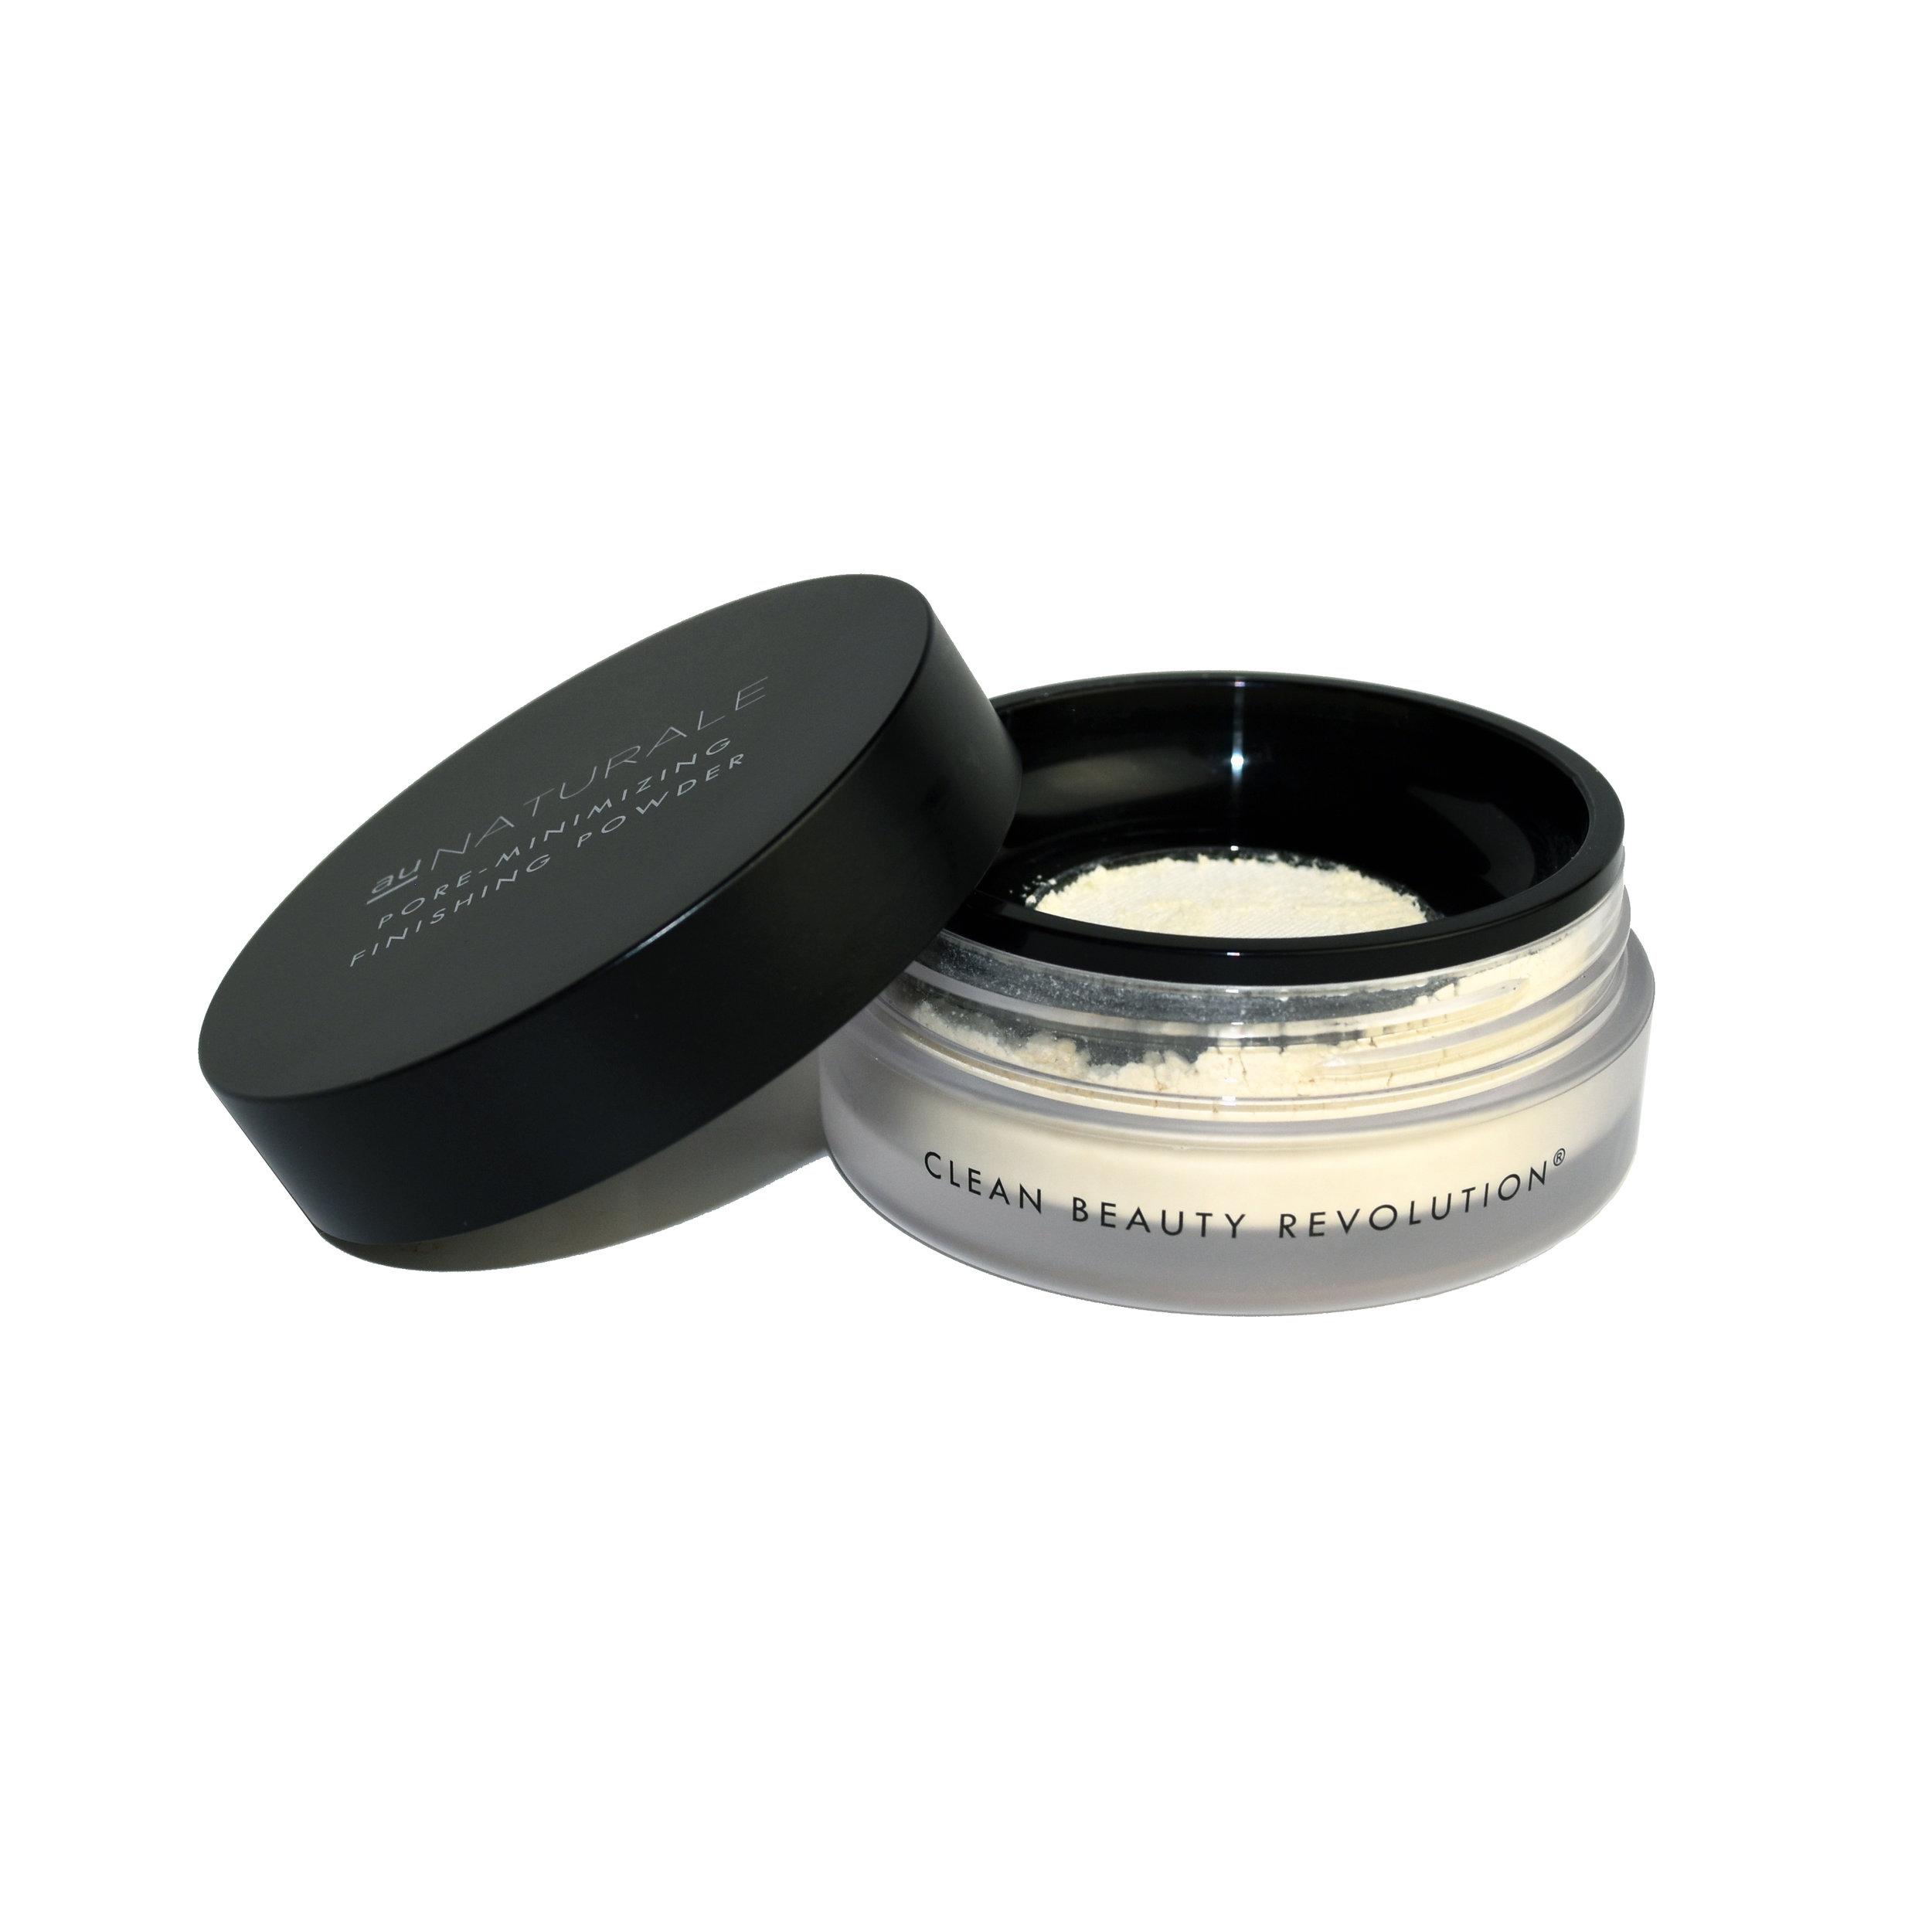 Translucent Pore-Minimizing Finishing Powder